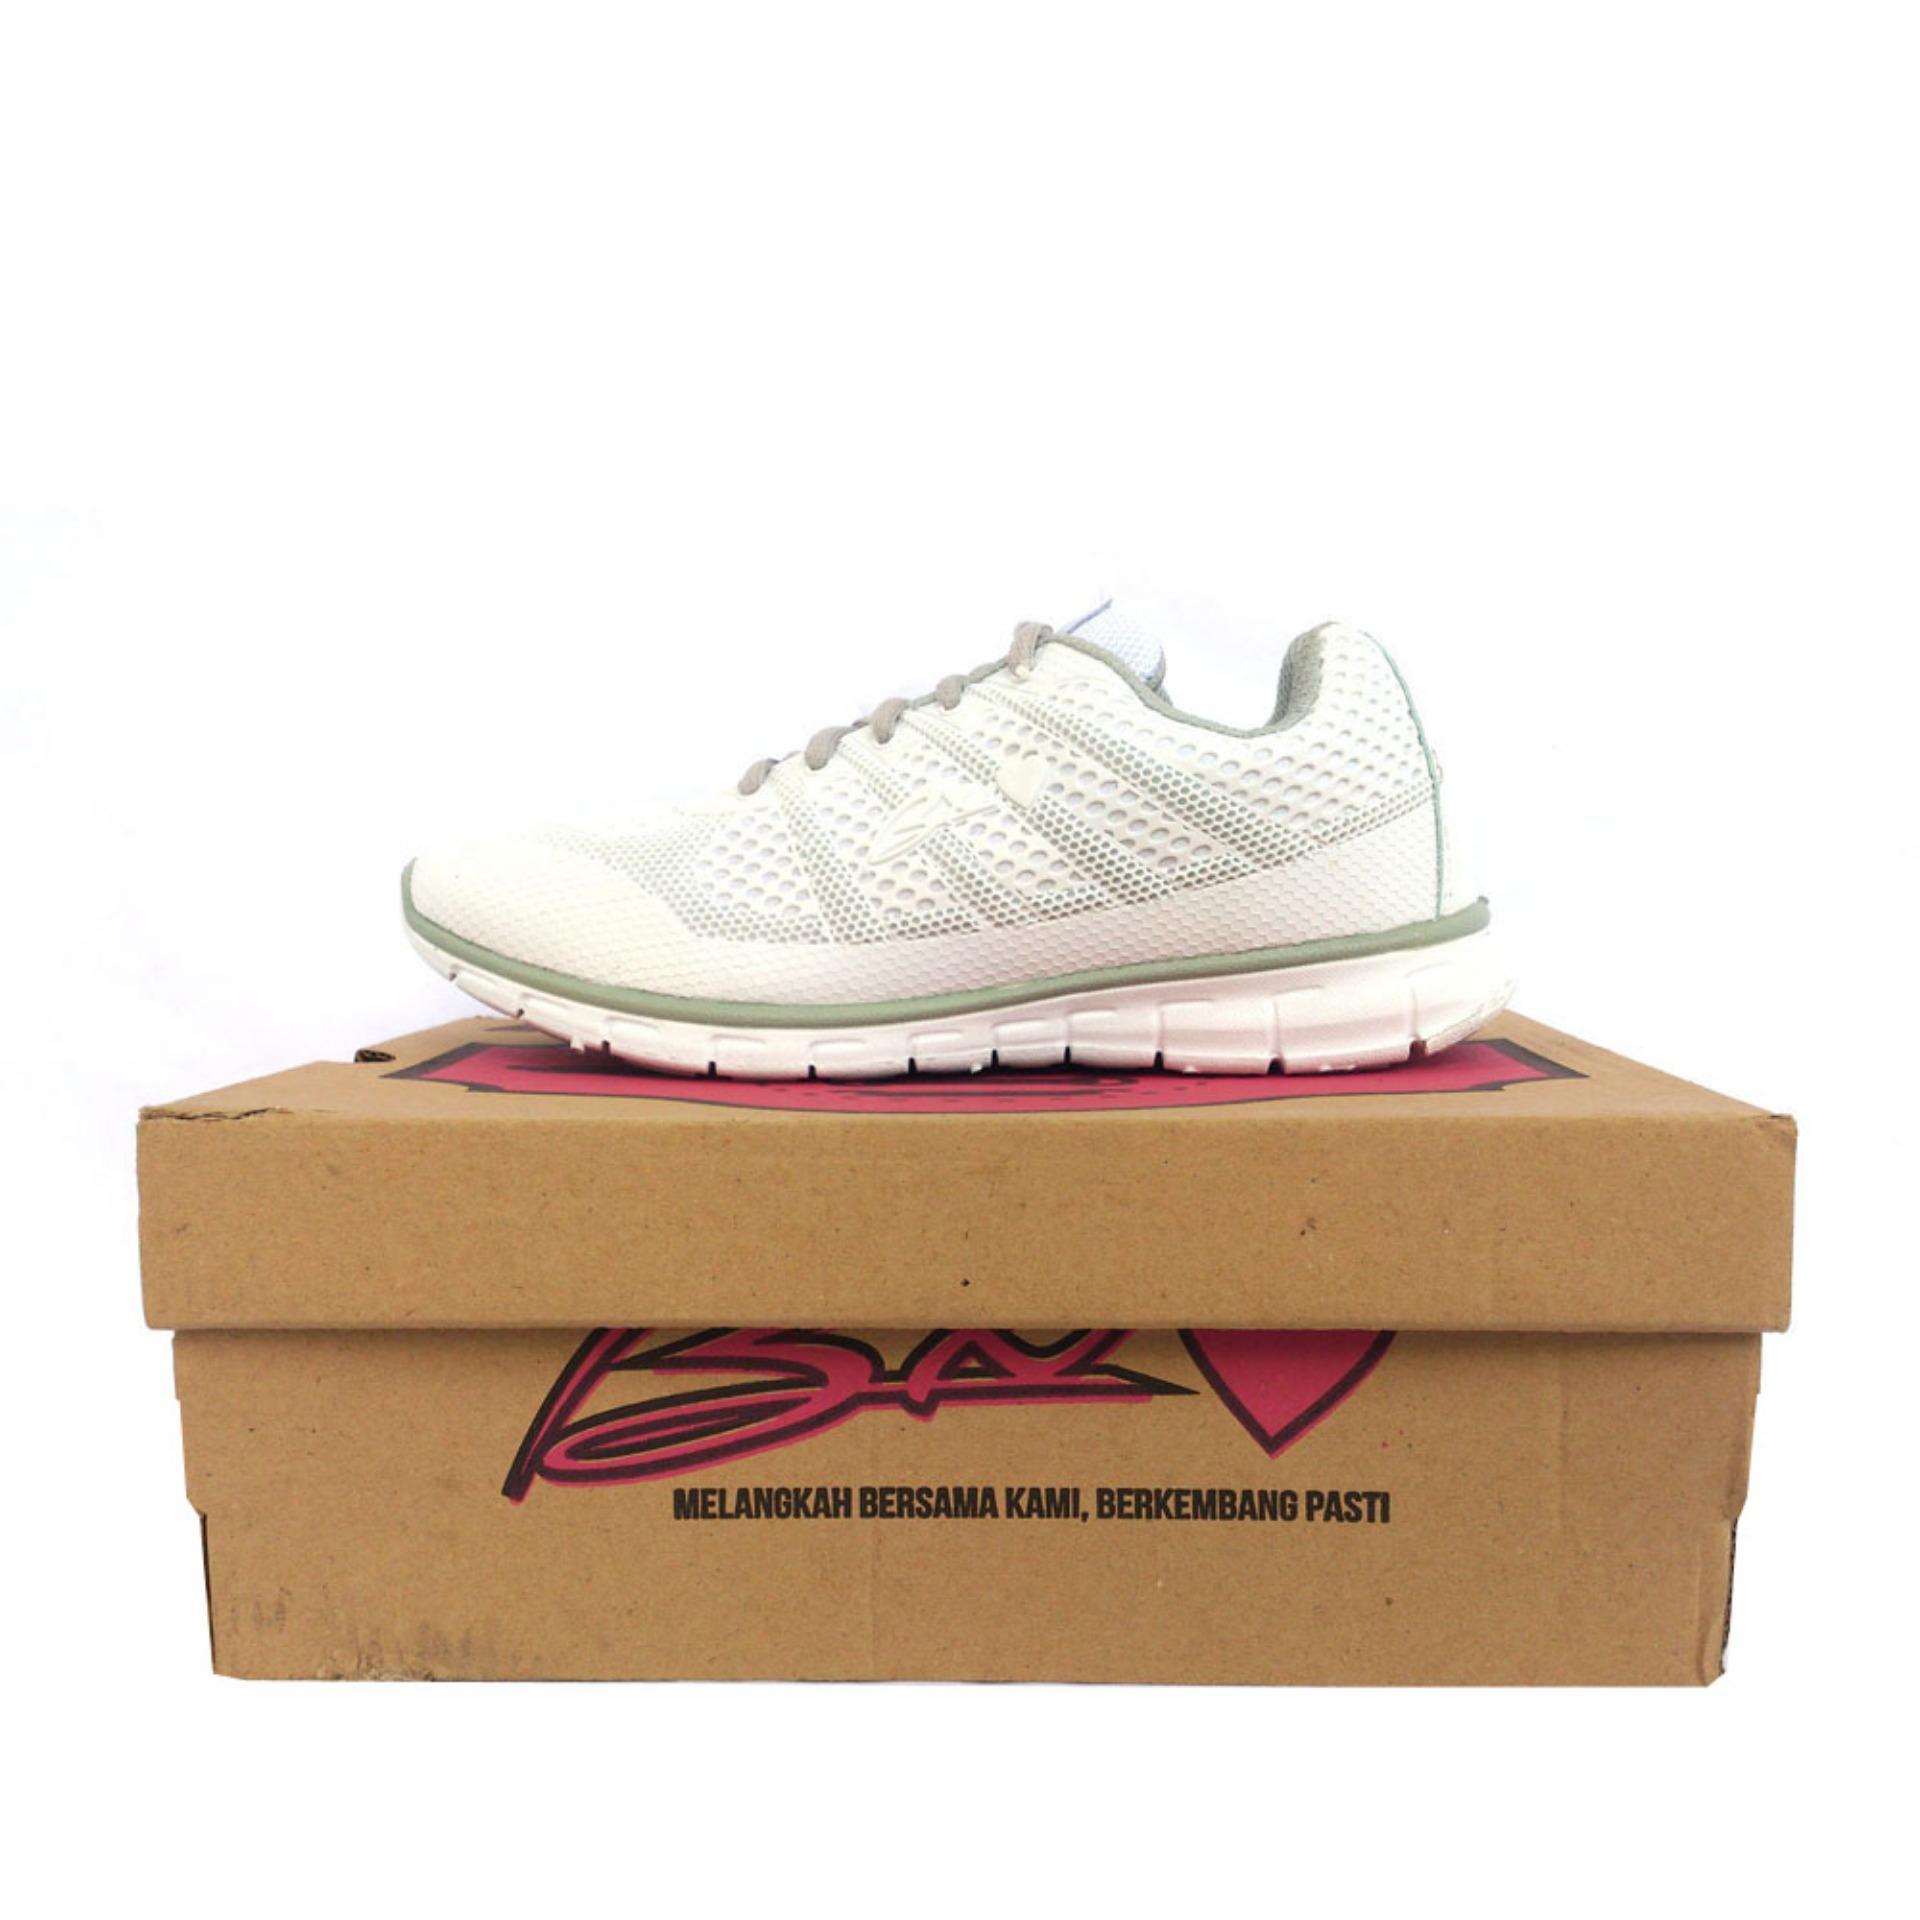 Jual Bx One Sepatu Olahraga Wanita Warna Putih Grosir